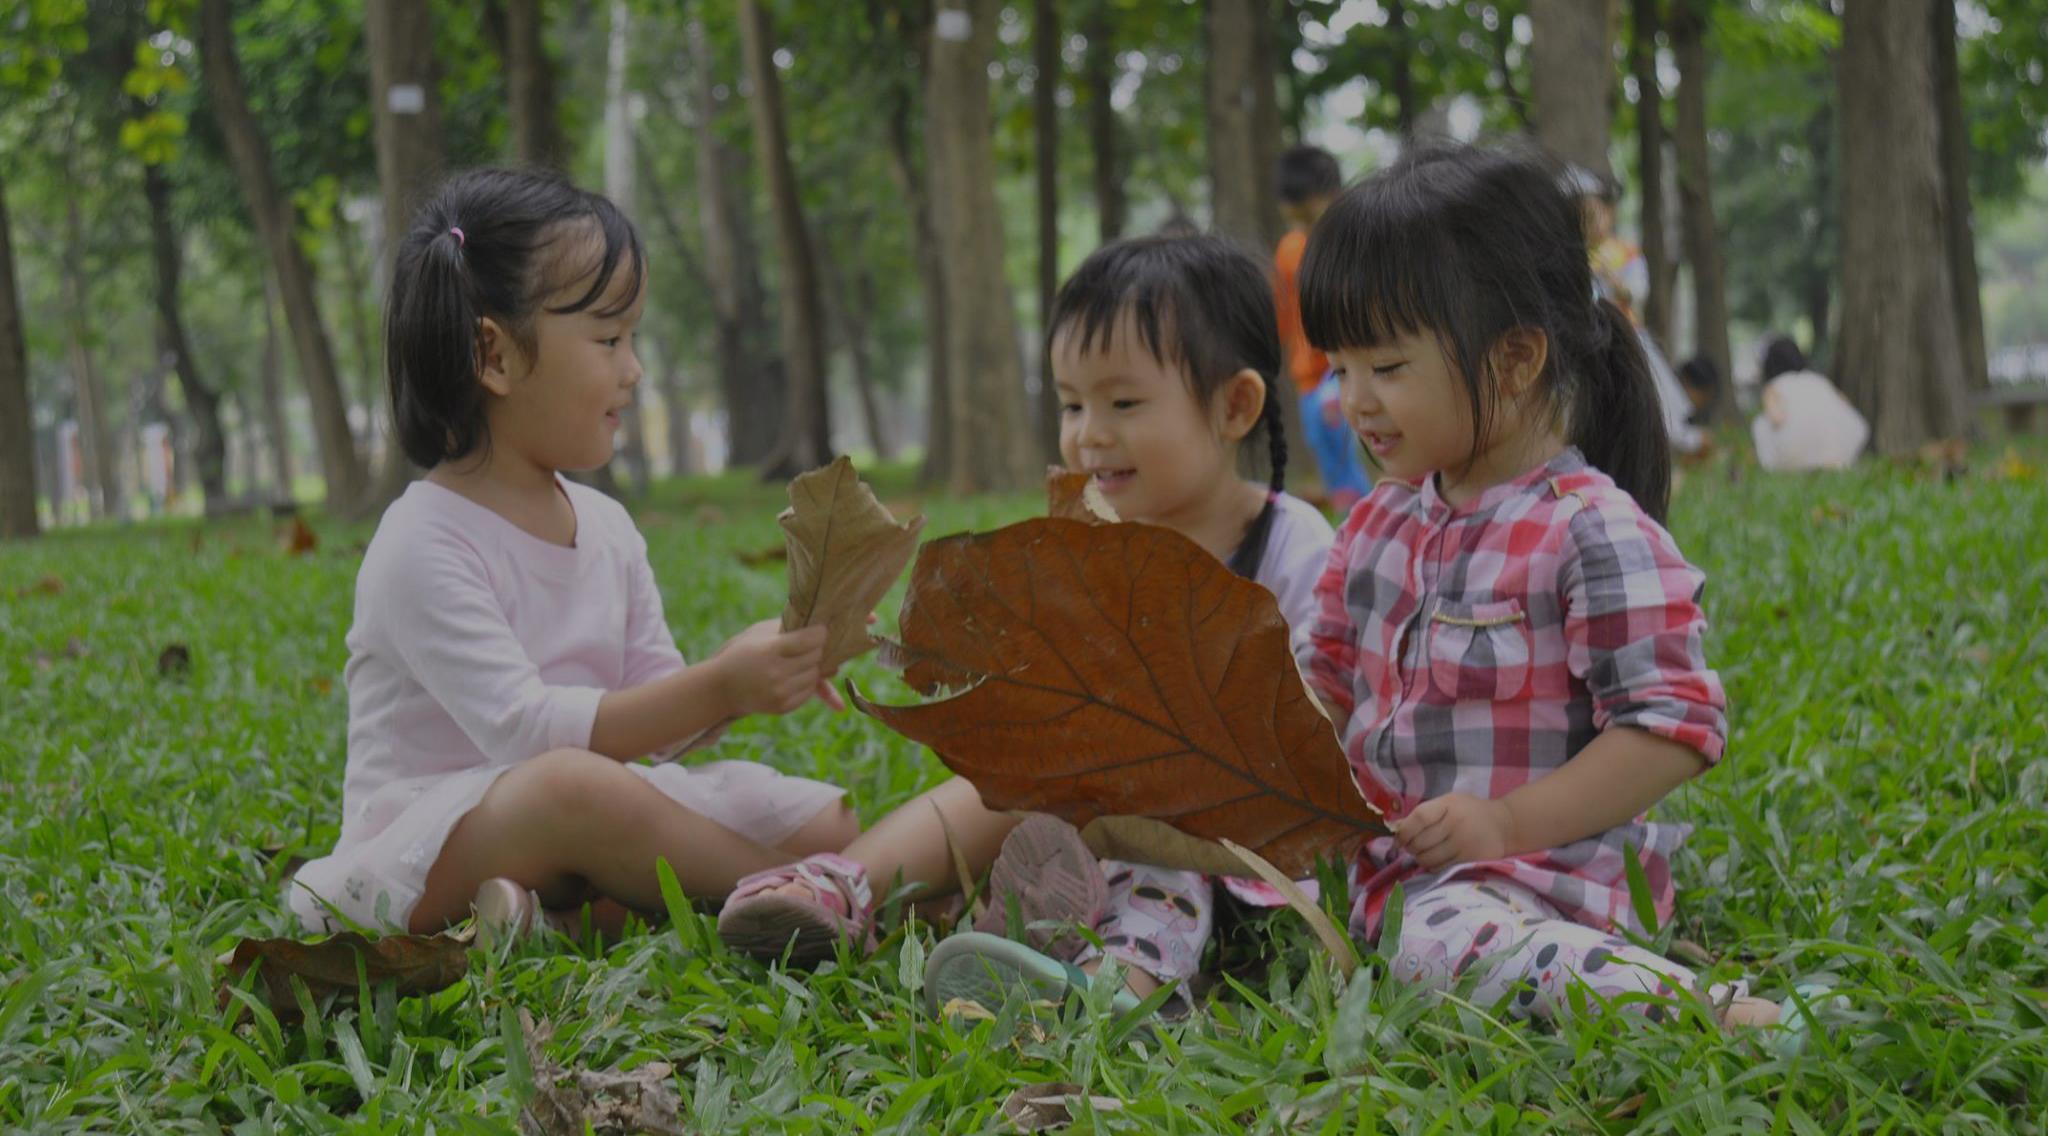 Phát triển tư duy và tiềm năng thông qua hoạt động xã hội